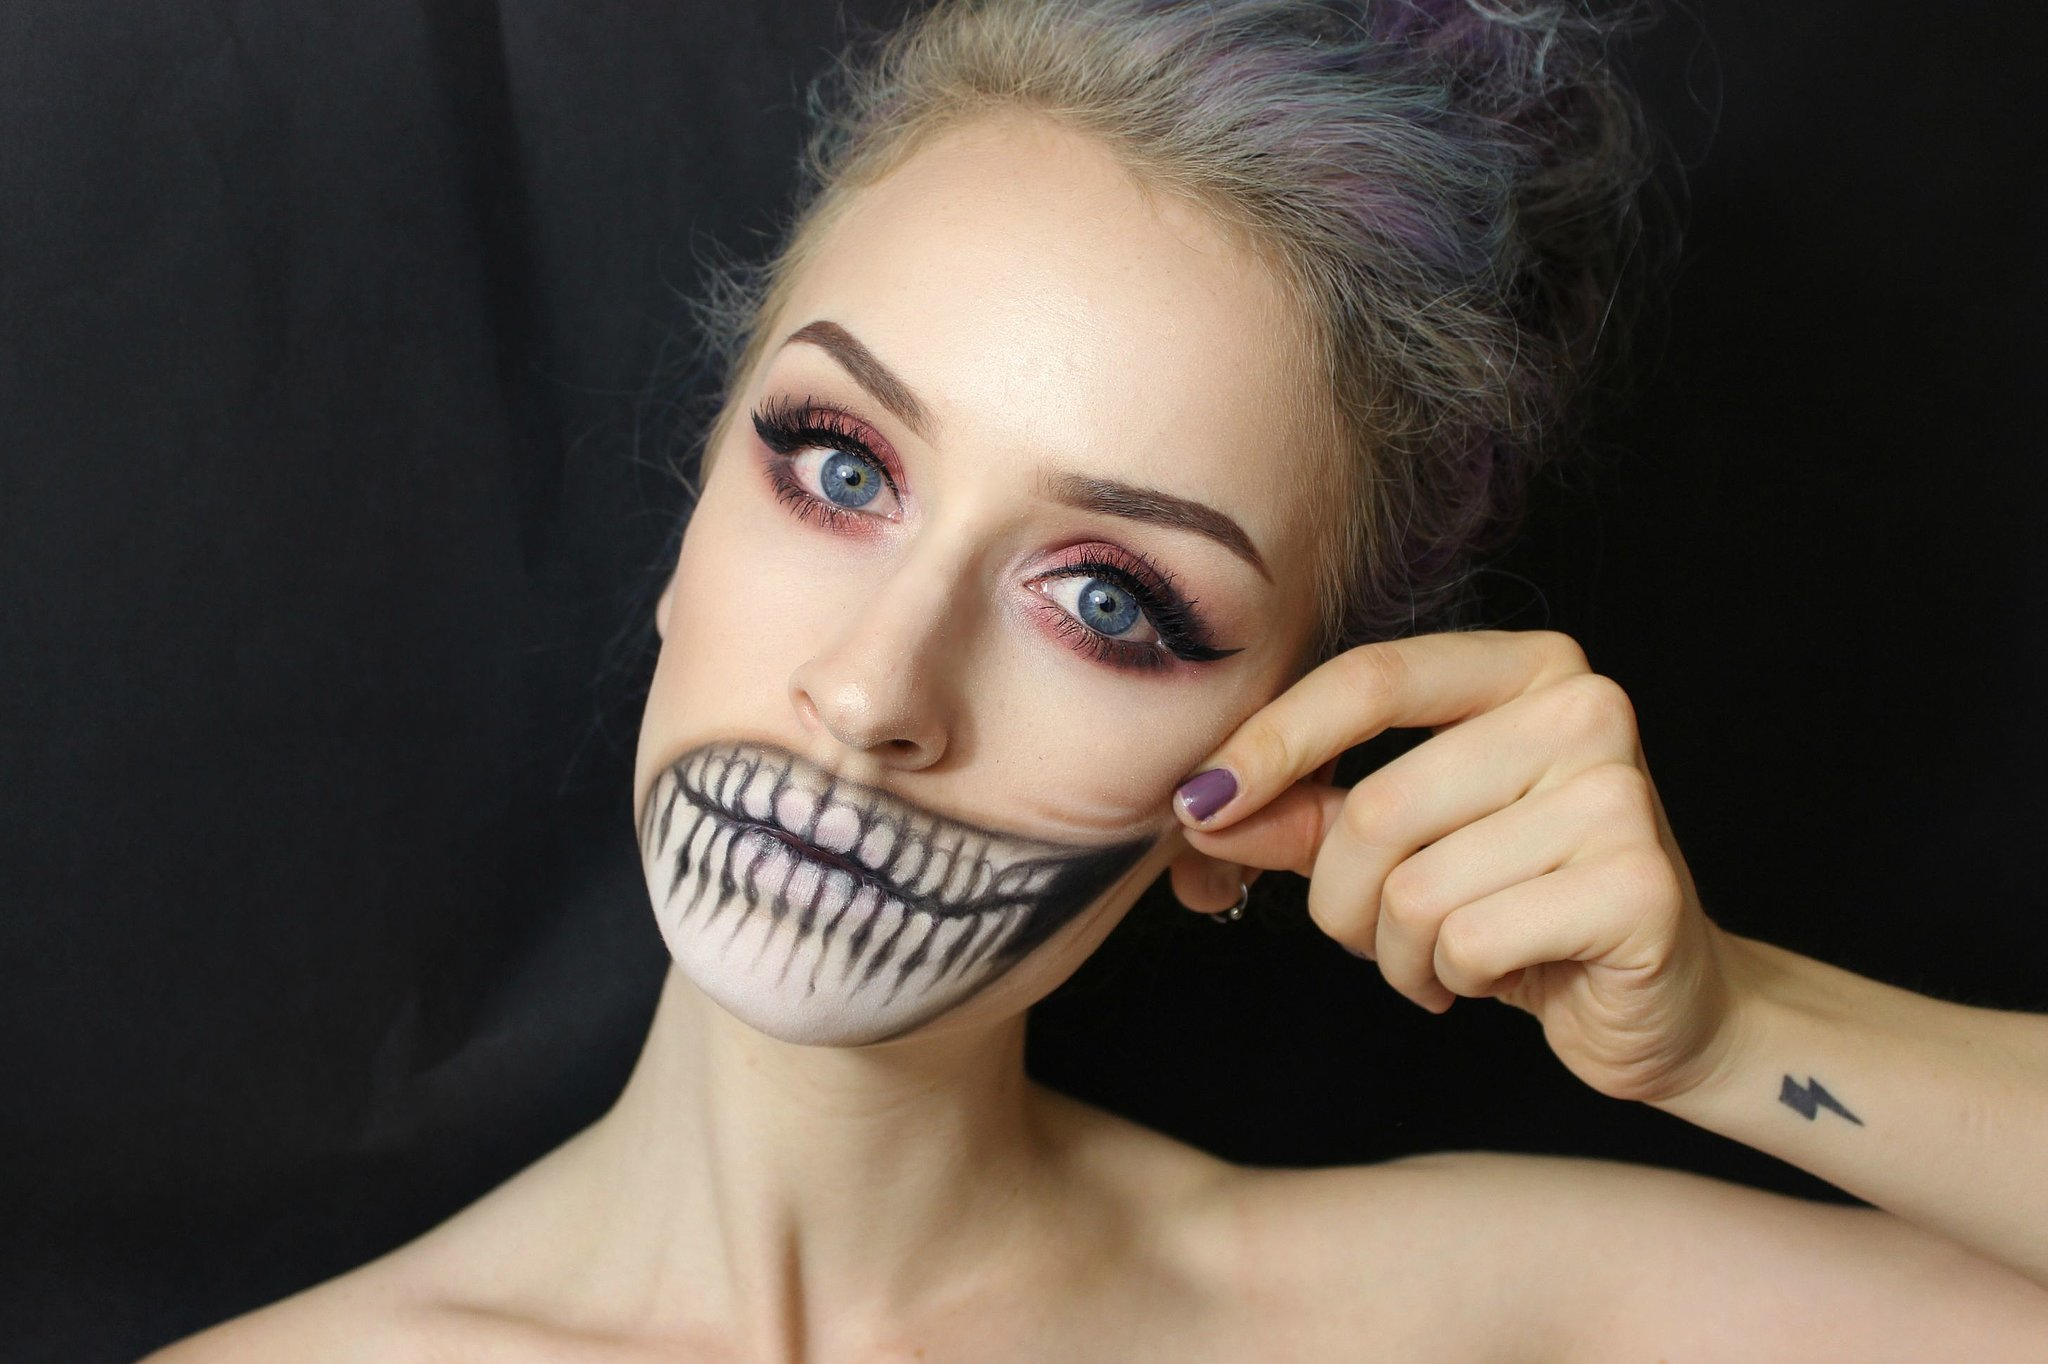 Fantastic Halloween Make-up